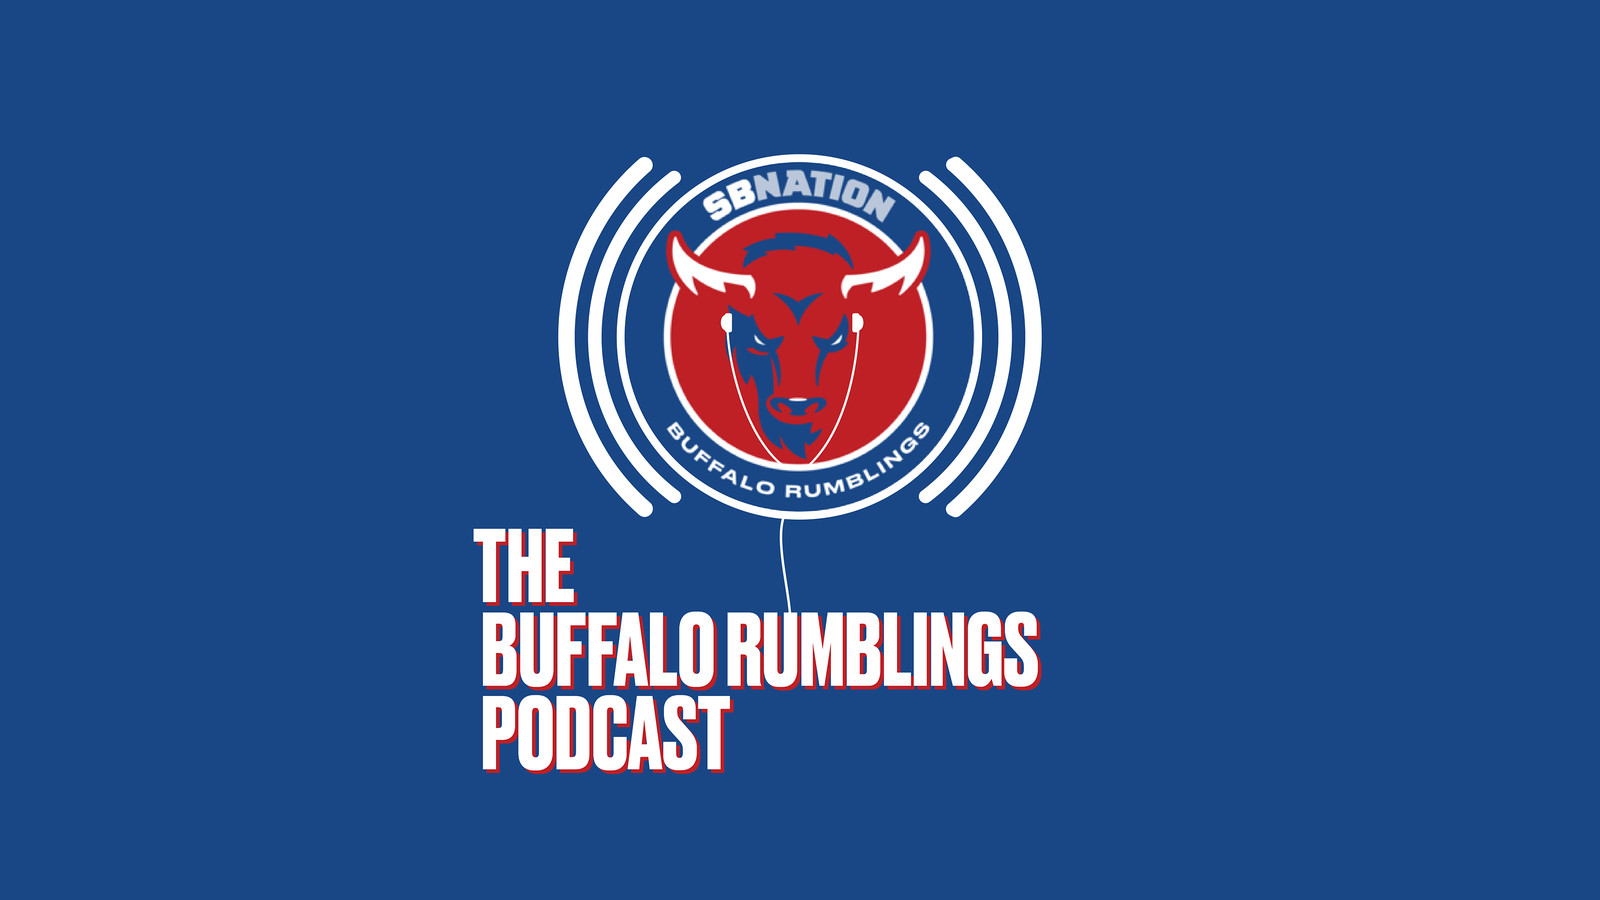 Podcastcoverartlarge.0